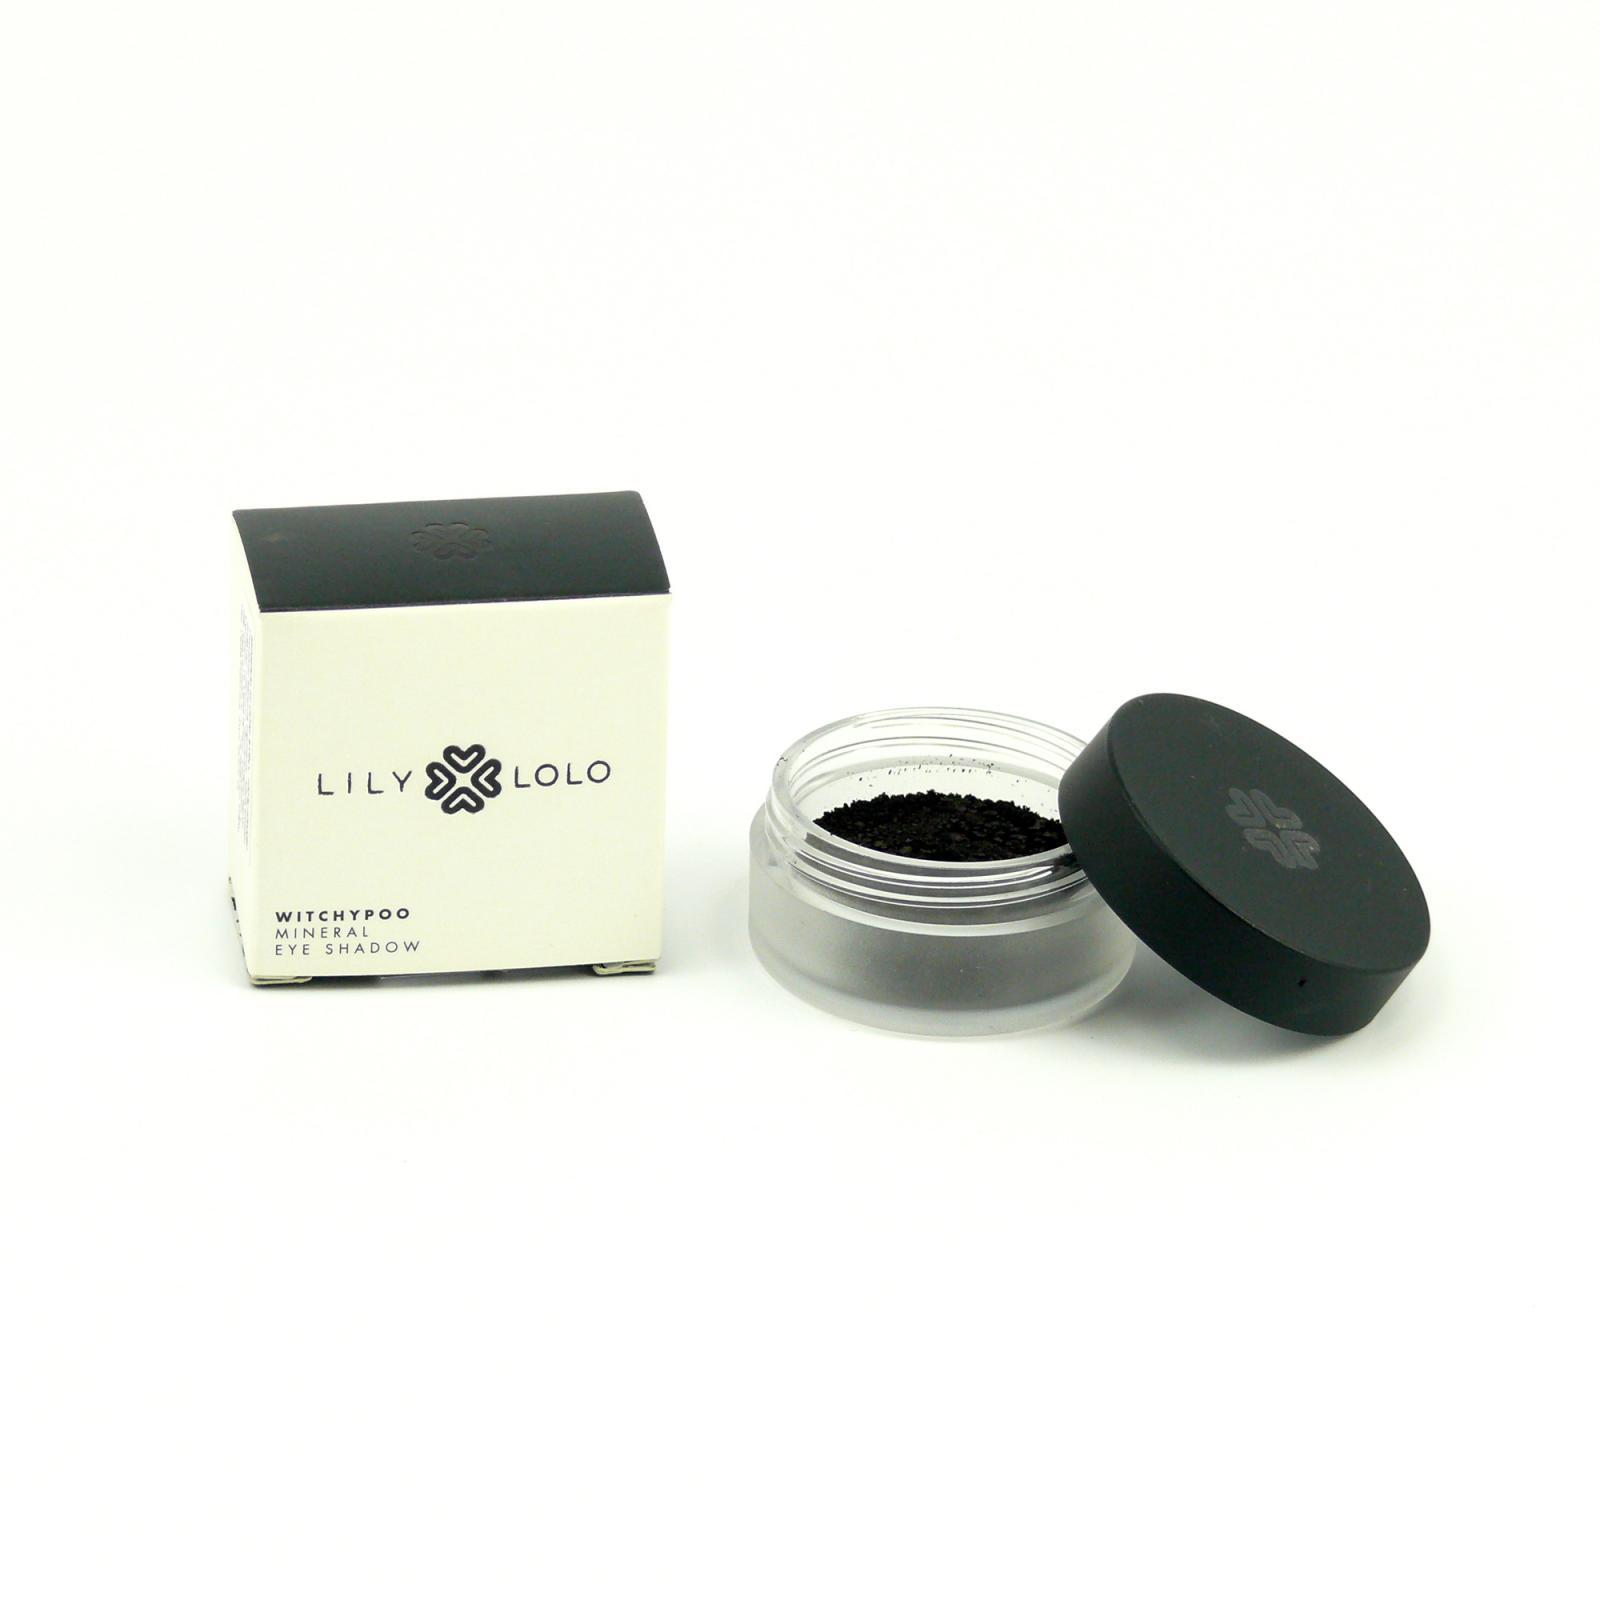 Lily Lolo Mineral Cosmetics Minerální oční stíny Witchypoo 4 g